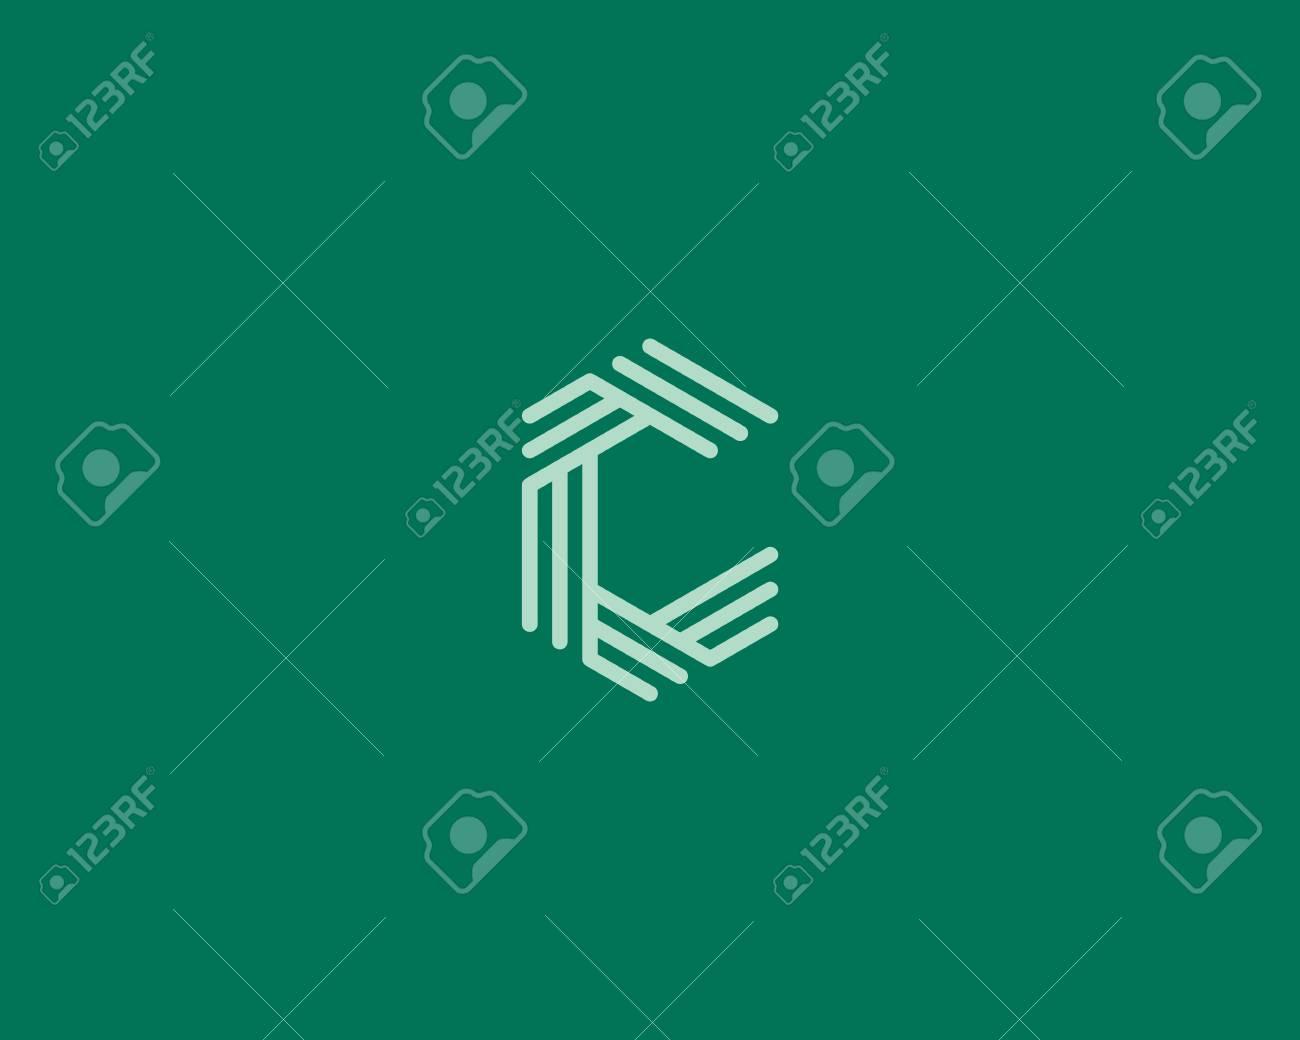 Letra C Resumen Plantilla Icono Del Diseño. Línea Signo Creativo ...